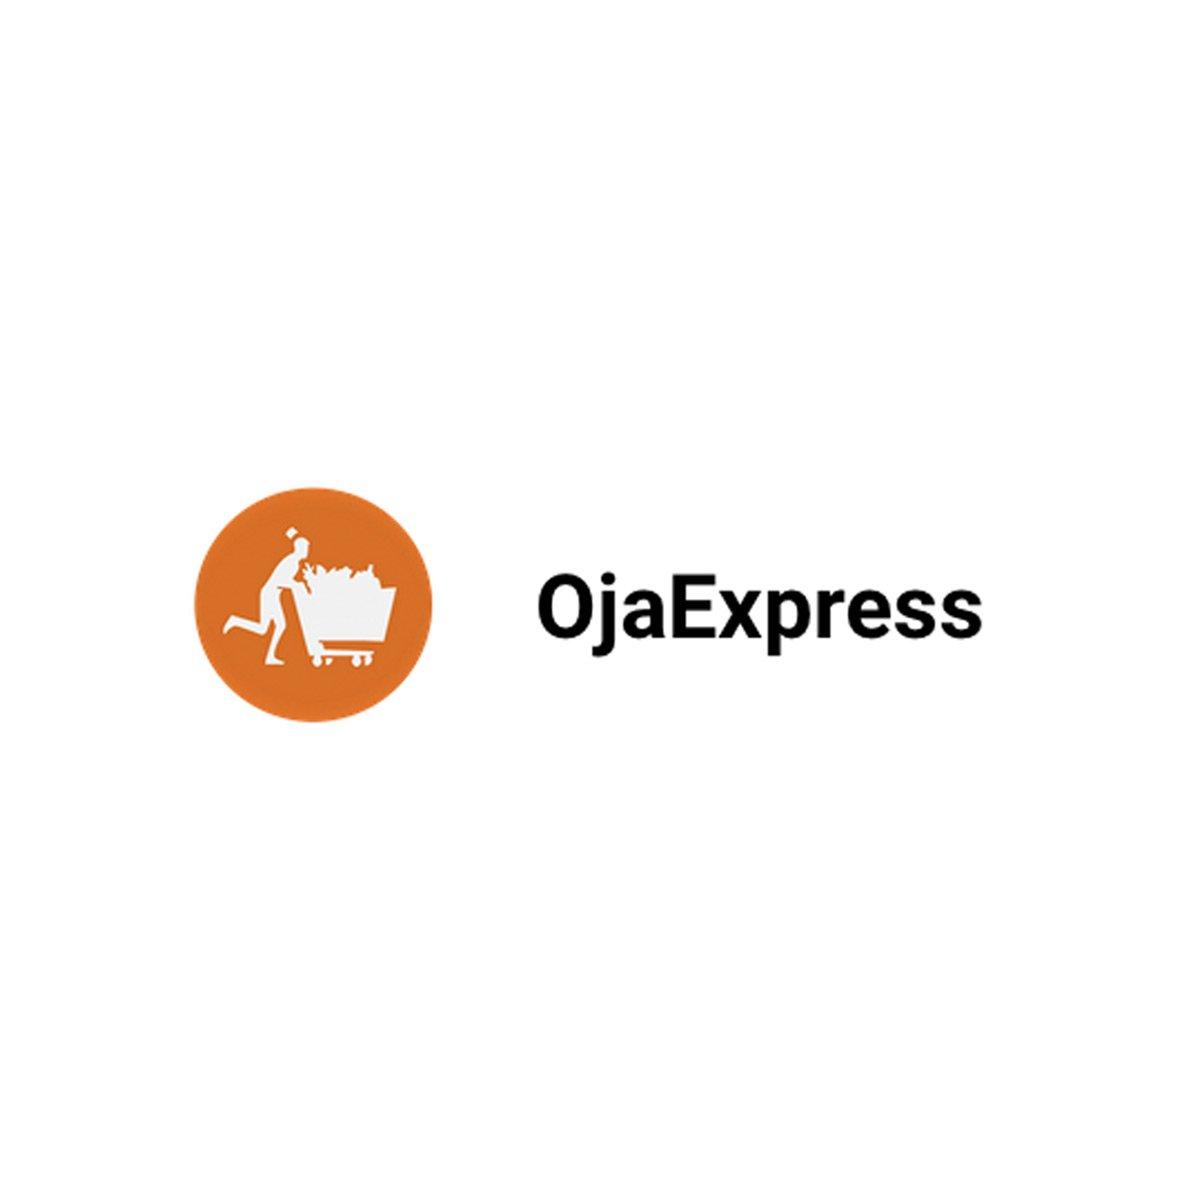 OjaExpress